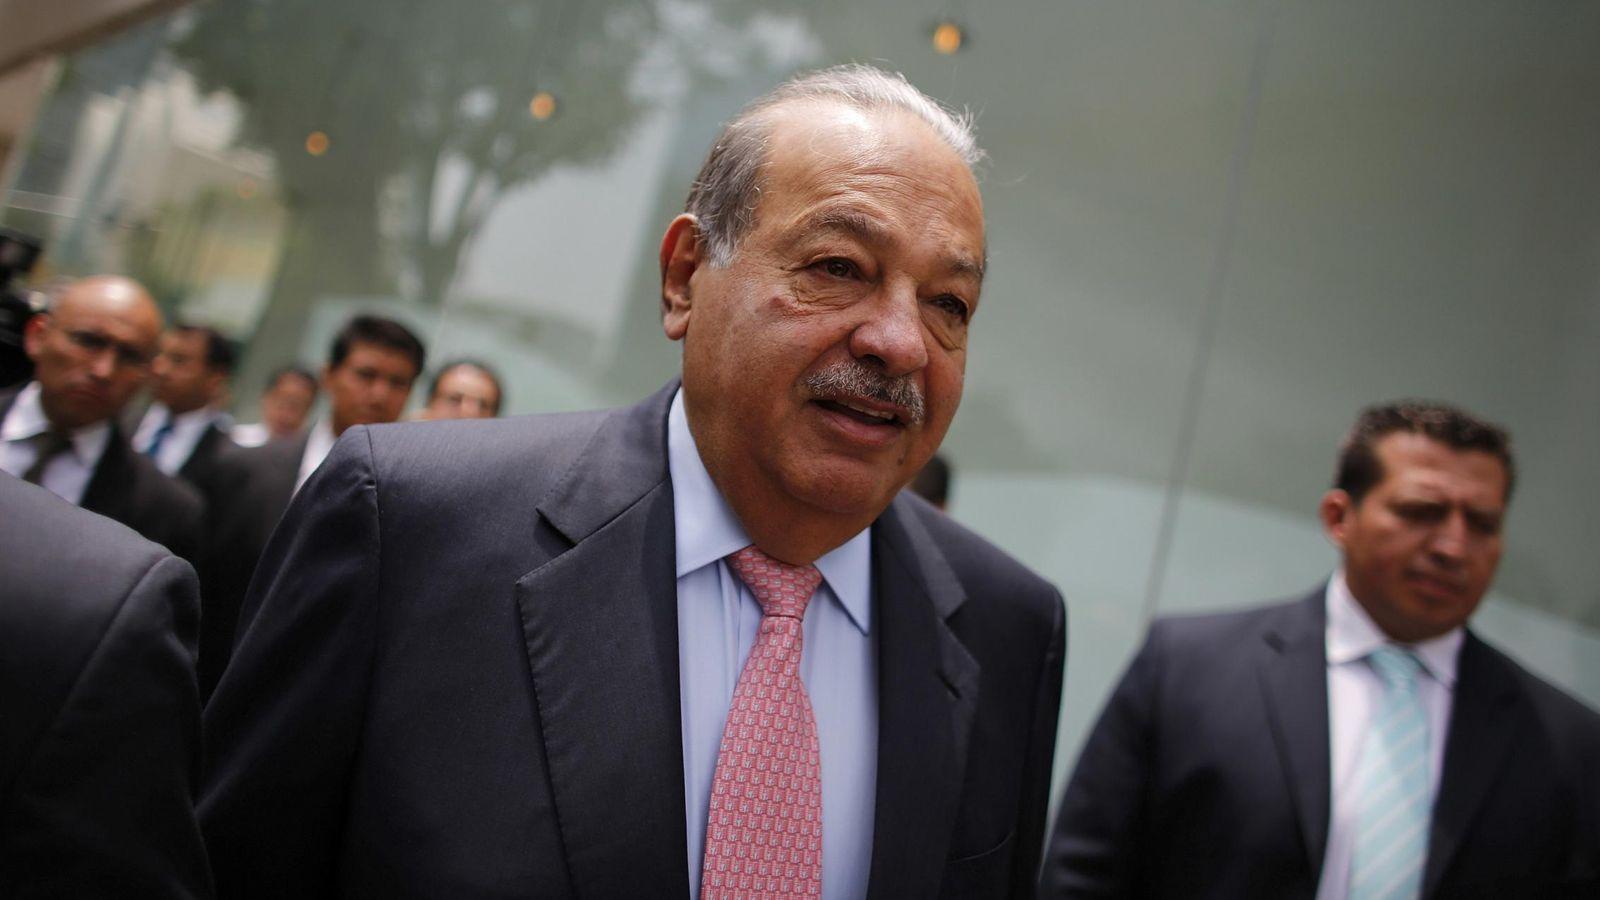 Foto: El empresario Carlos Slim en una imagen de archivo. (EFE)